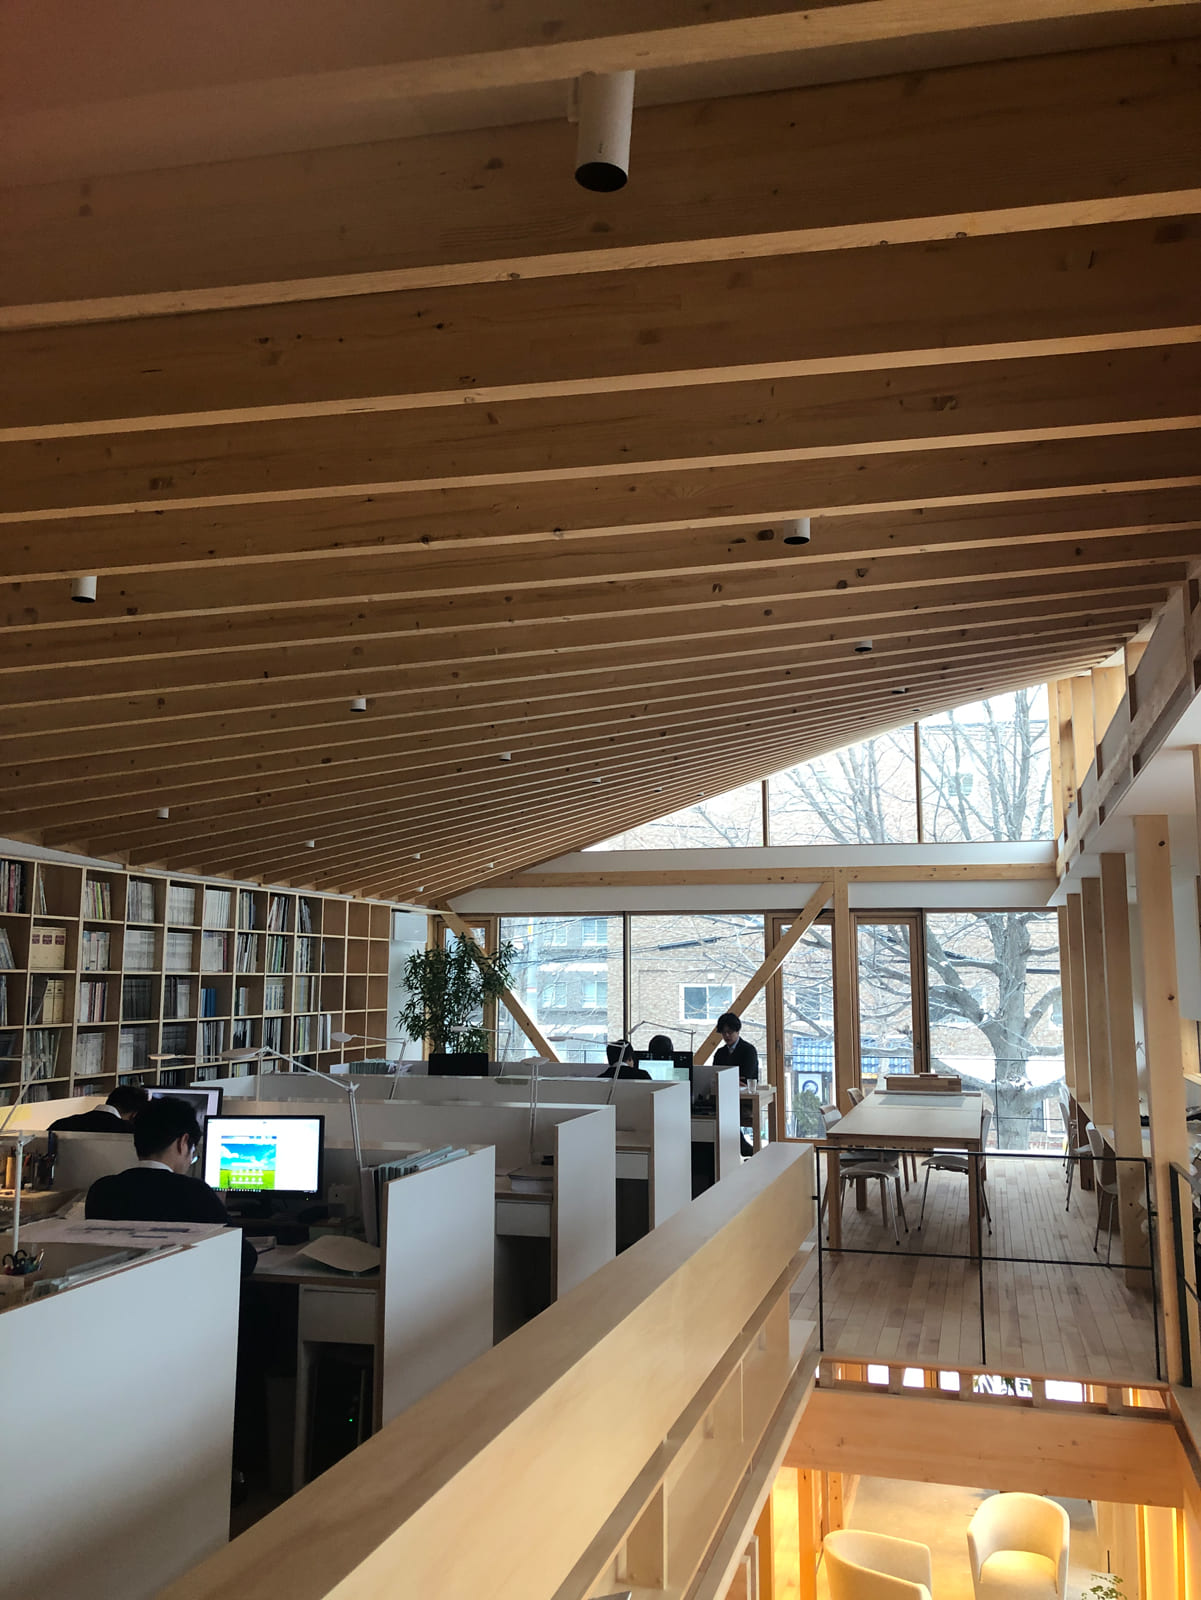 外観の謎が解けた!このHPシェル形状の天井が何よりの見どころ。なめらかな曲線美に木造建築の新しい可能性が感じられる